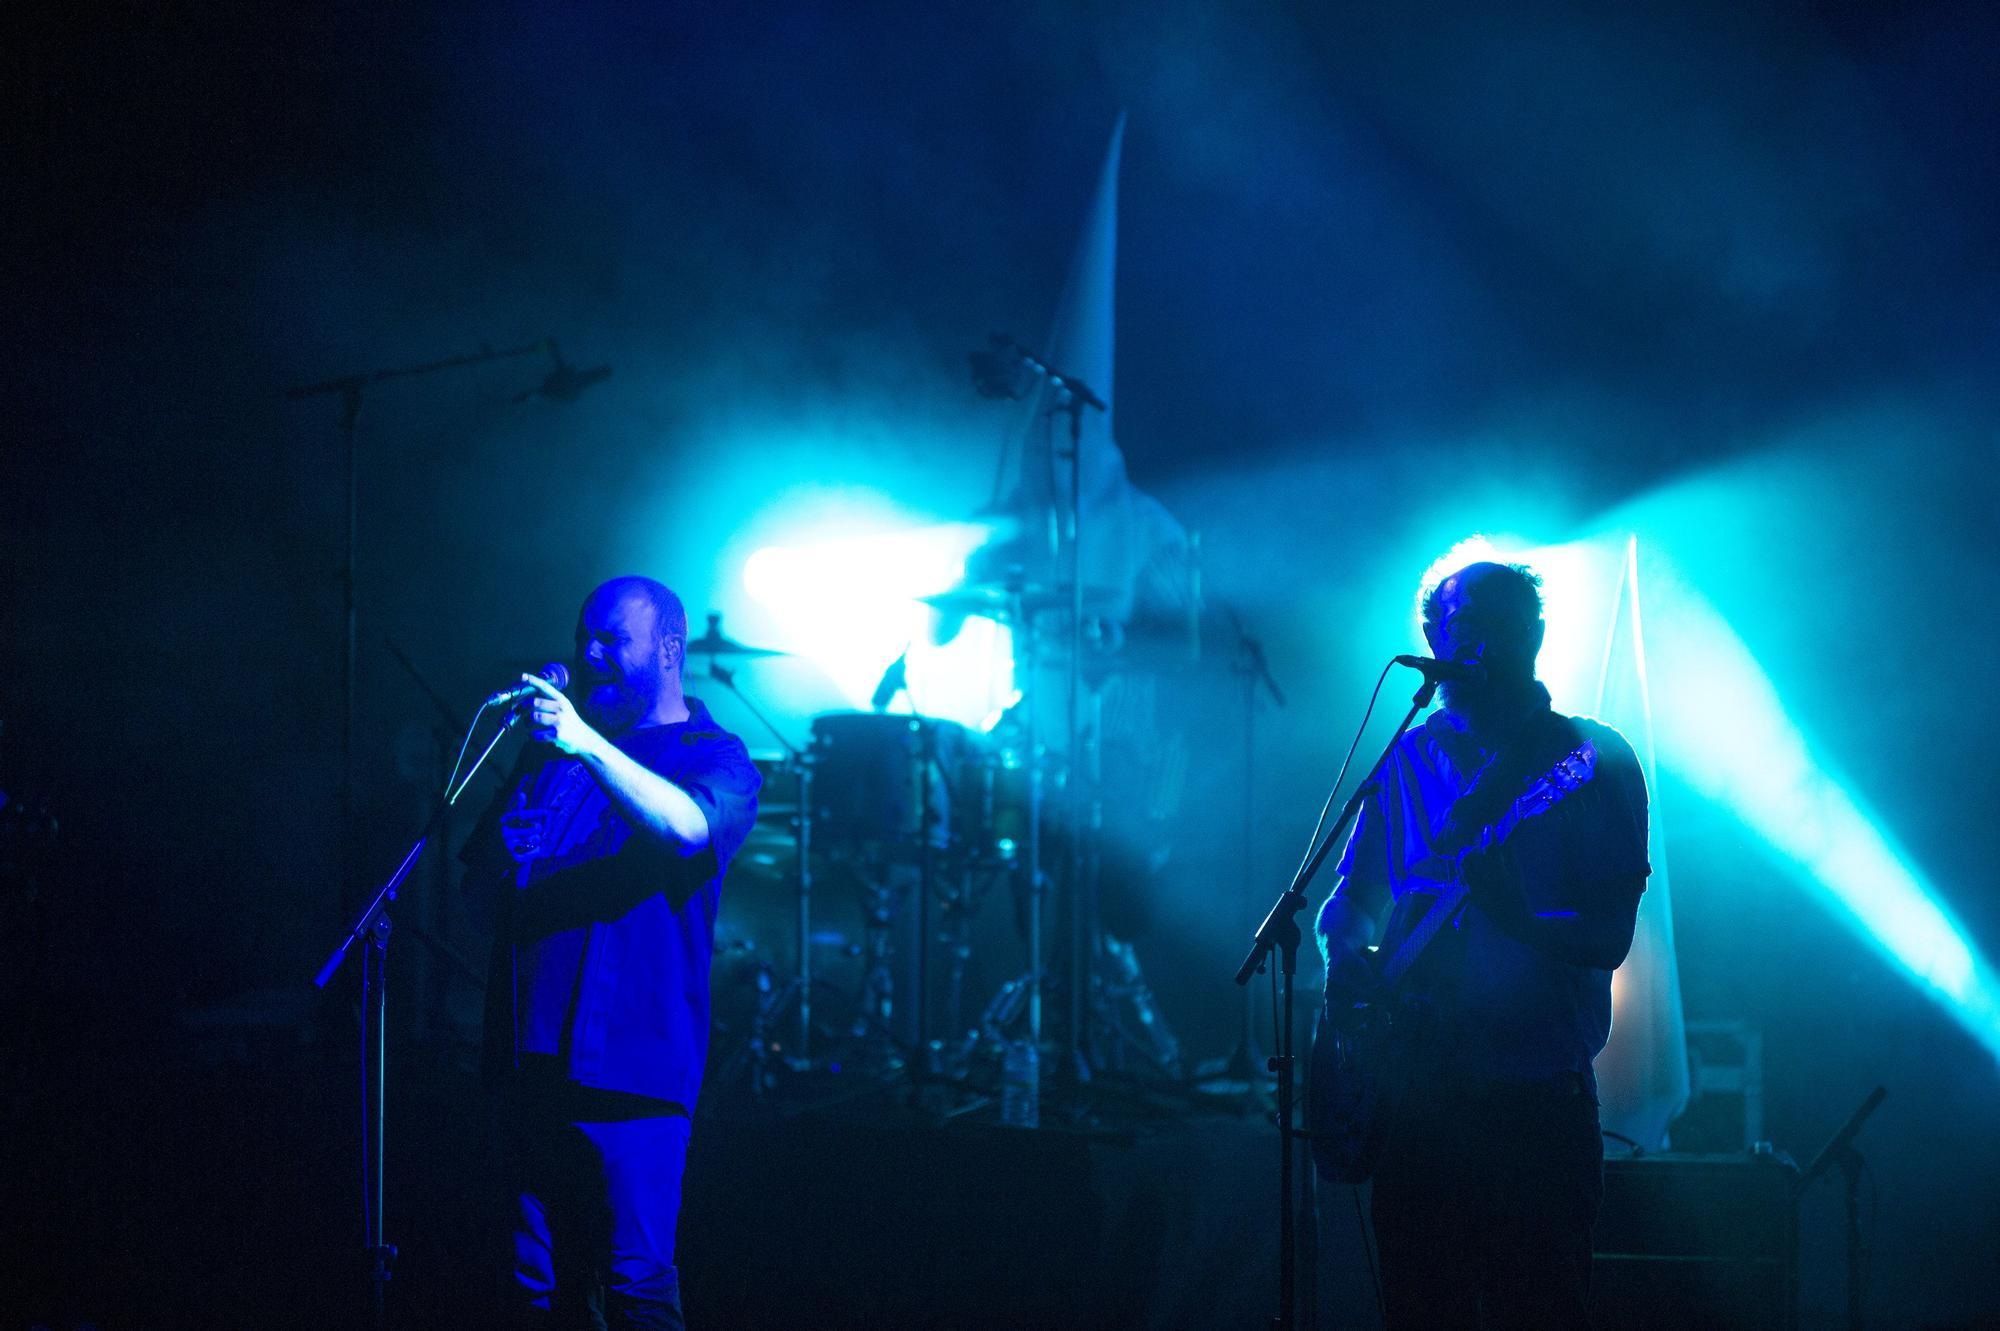 Así fue el concierto de Los Planetas y el Niño de Elche ayer en La Mar de Músicas